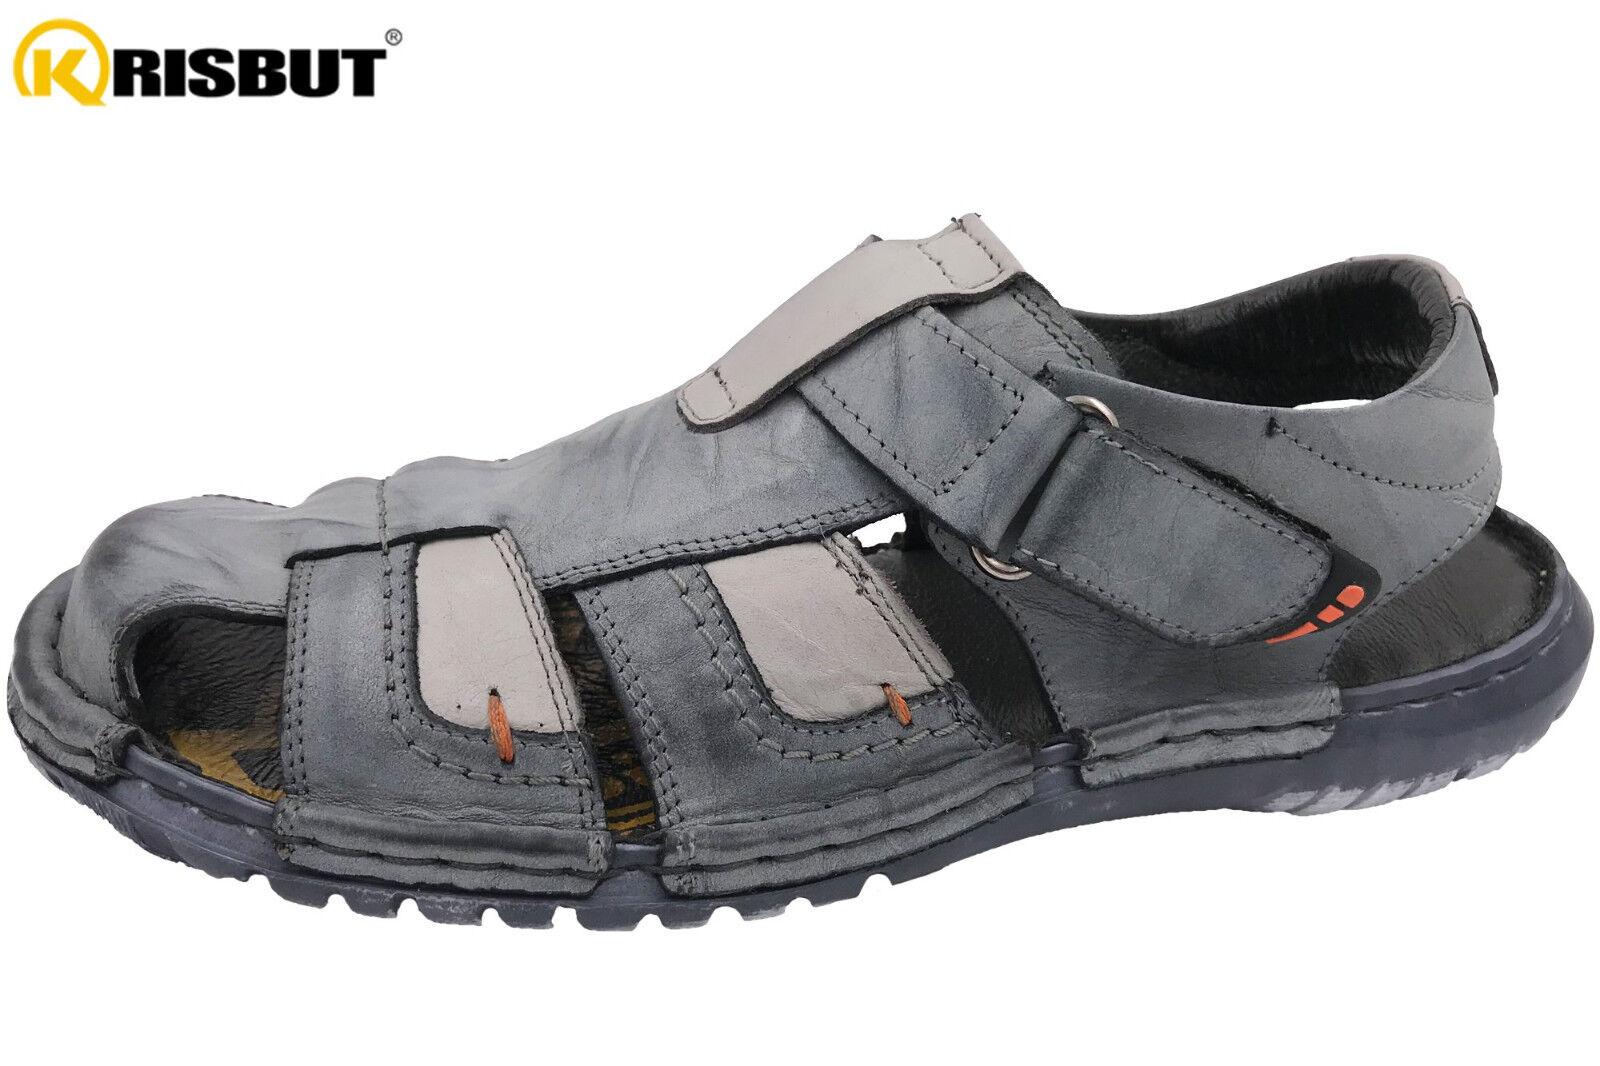 Krisbut Herren Sandale Blau Kombi Echtleder Sommer Schuhe NEU 1098-6